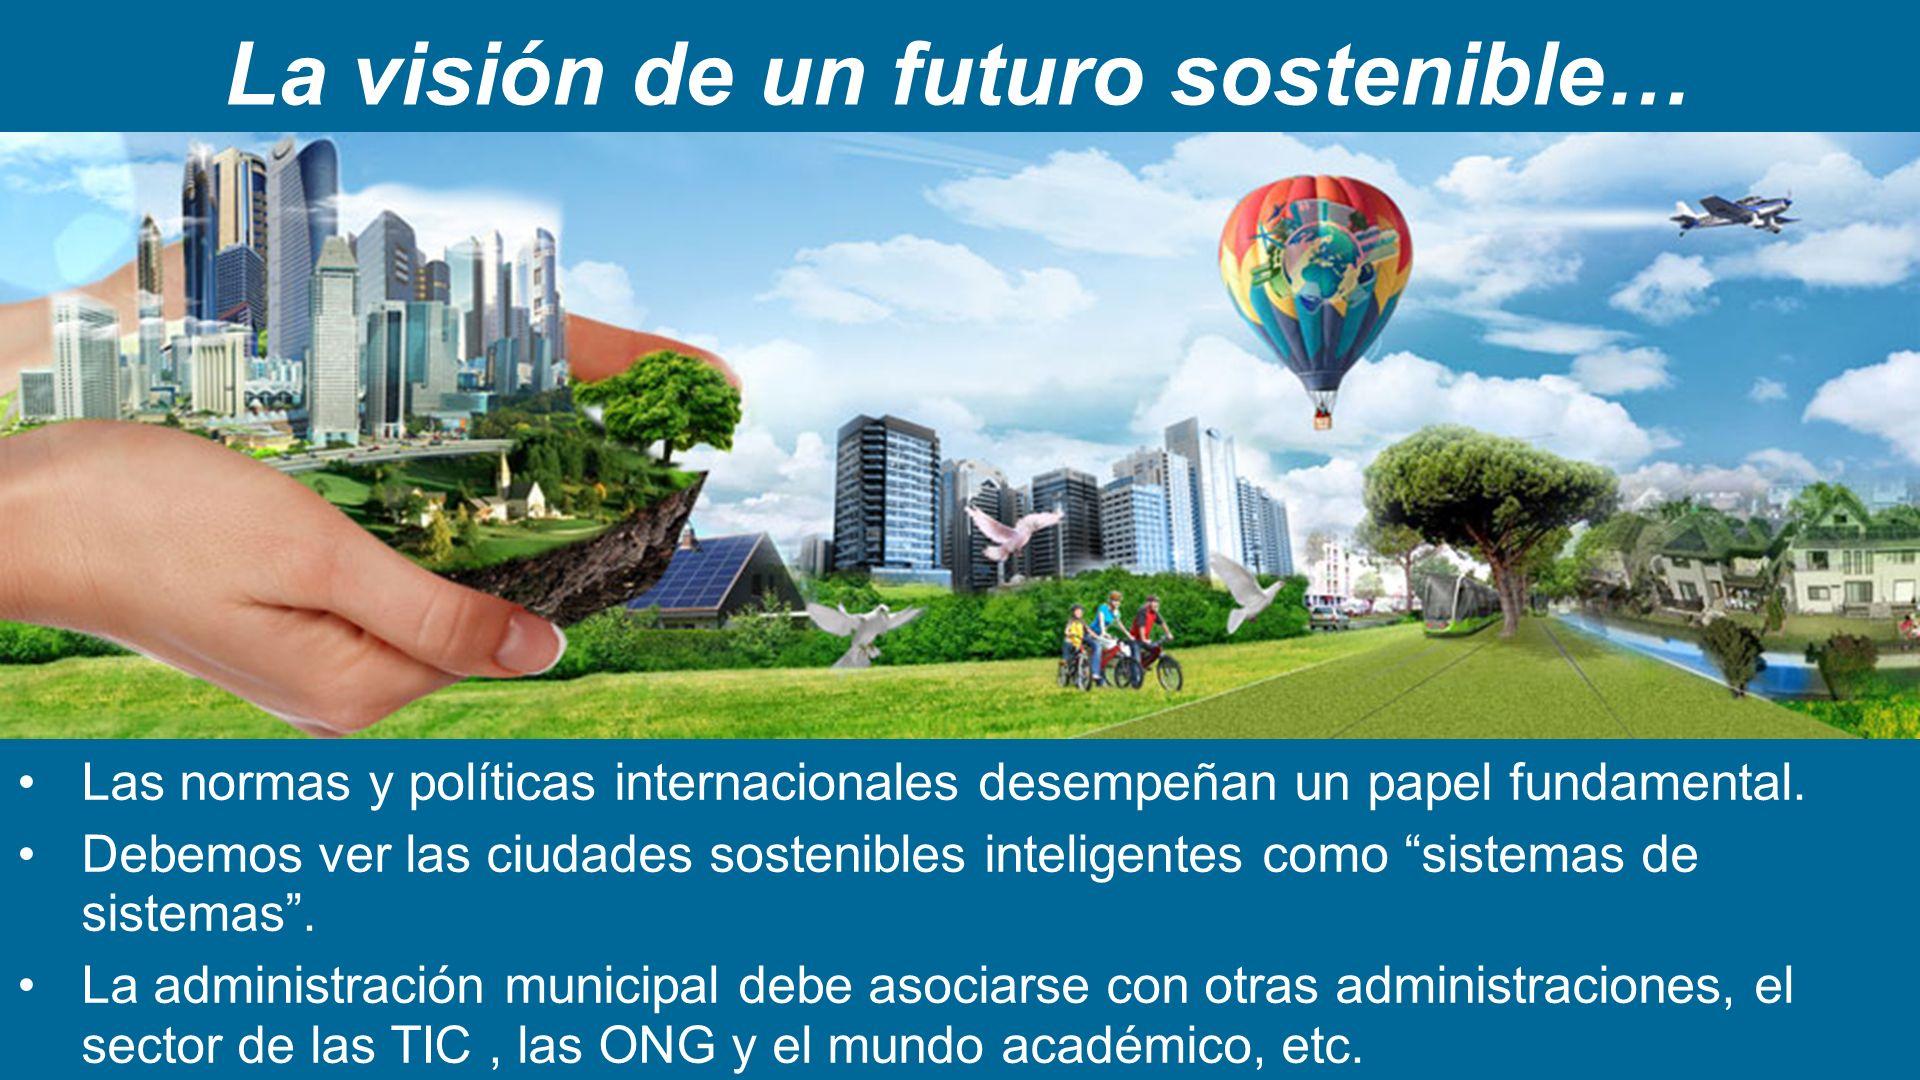 La visión de un futuro sostenible…